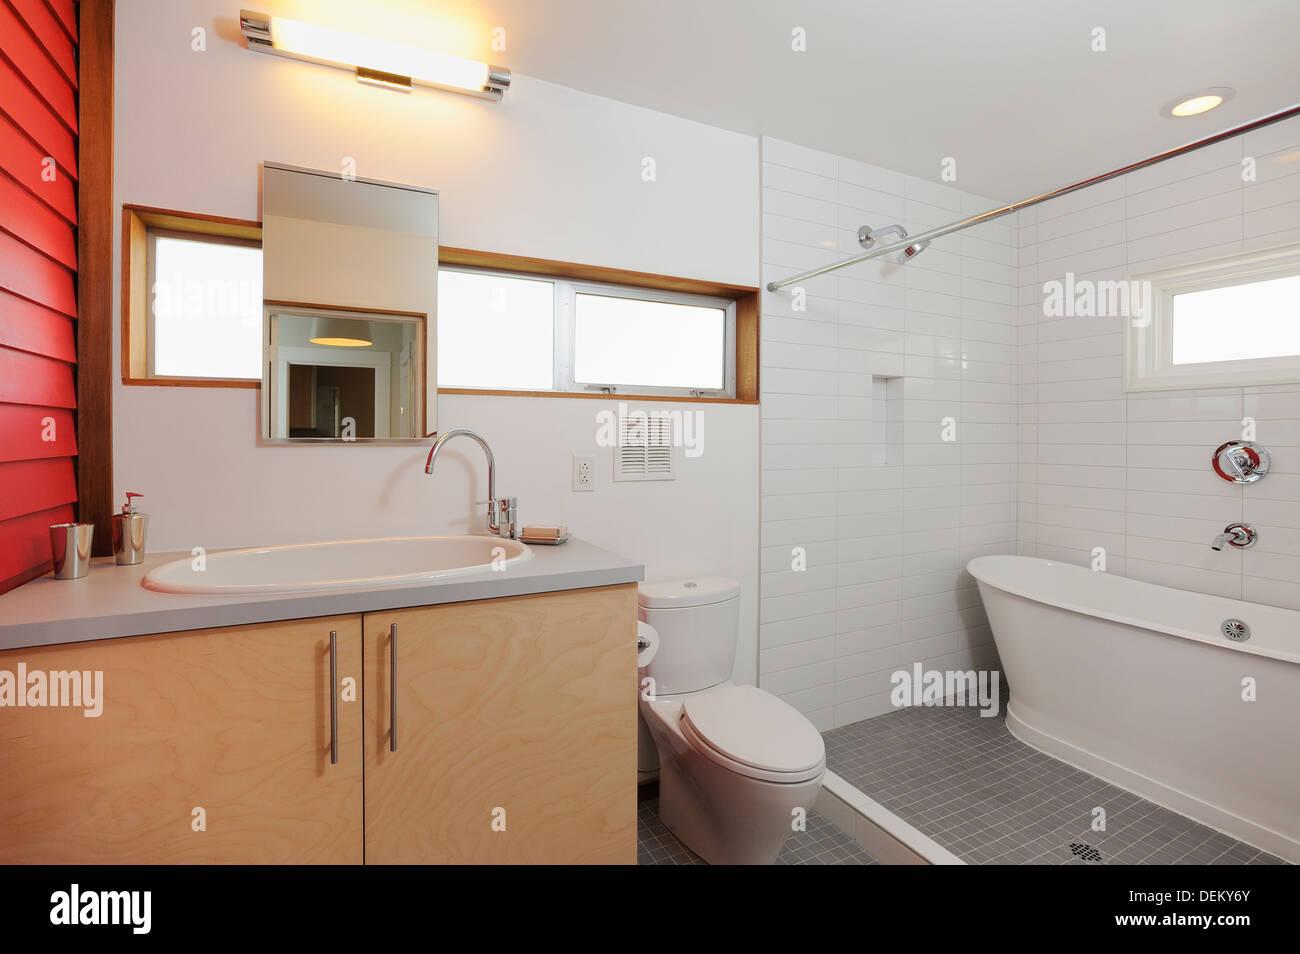 Lavabo, wc et baignoire dans la salle de bains moderne ...